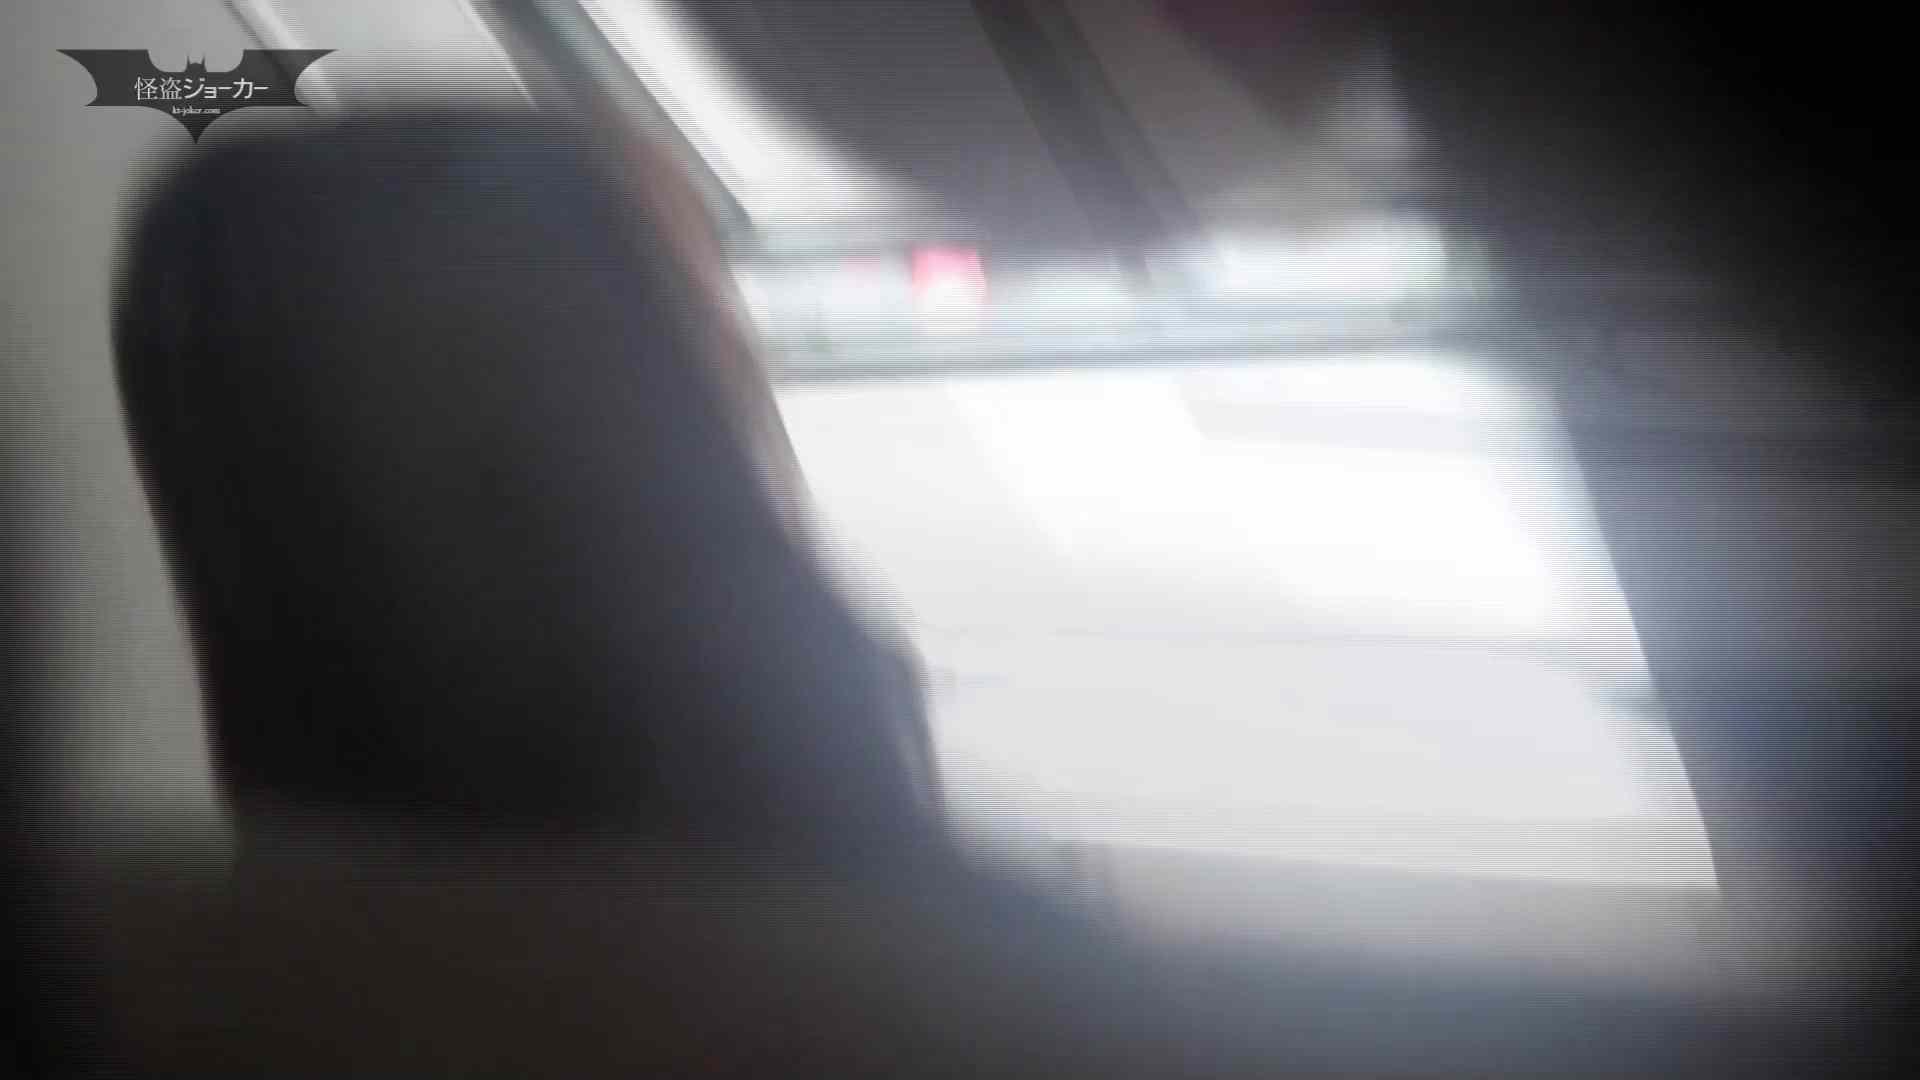 無修正エロ動画:ステーション編 vol53 ゆきりん一押し、予告に出ているモデル大量登場:怪盗ジョーカー